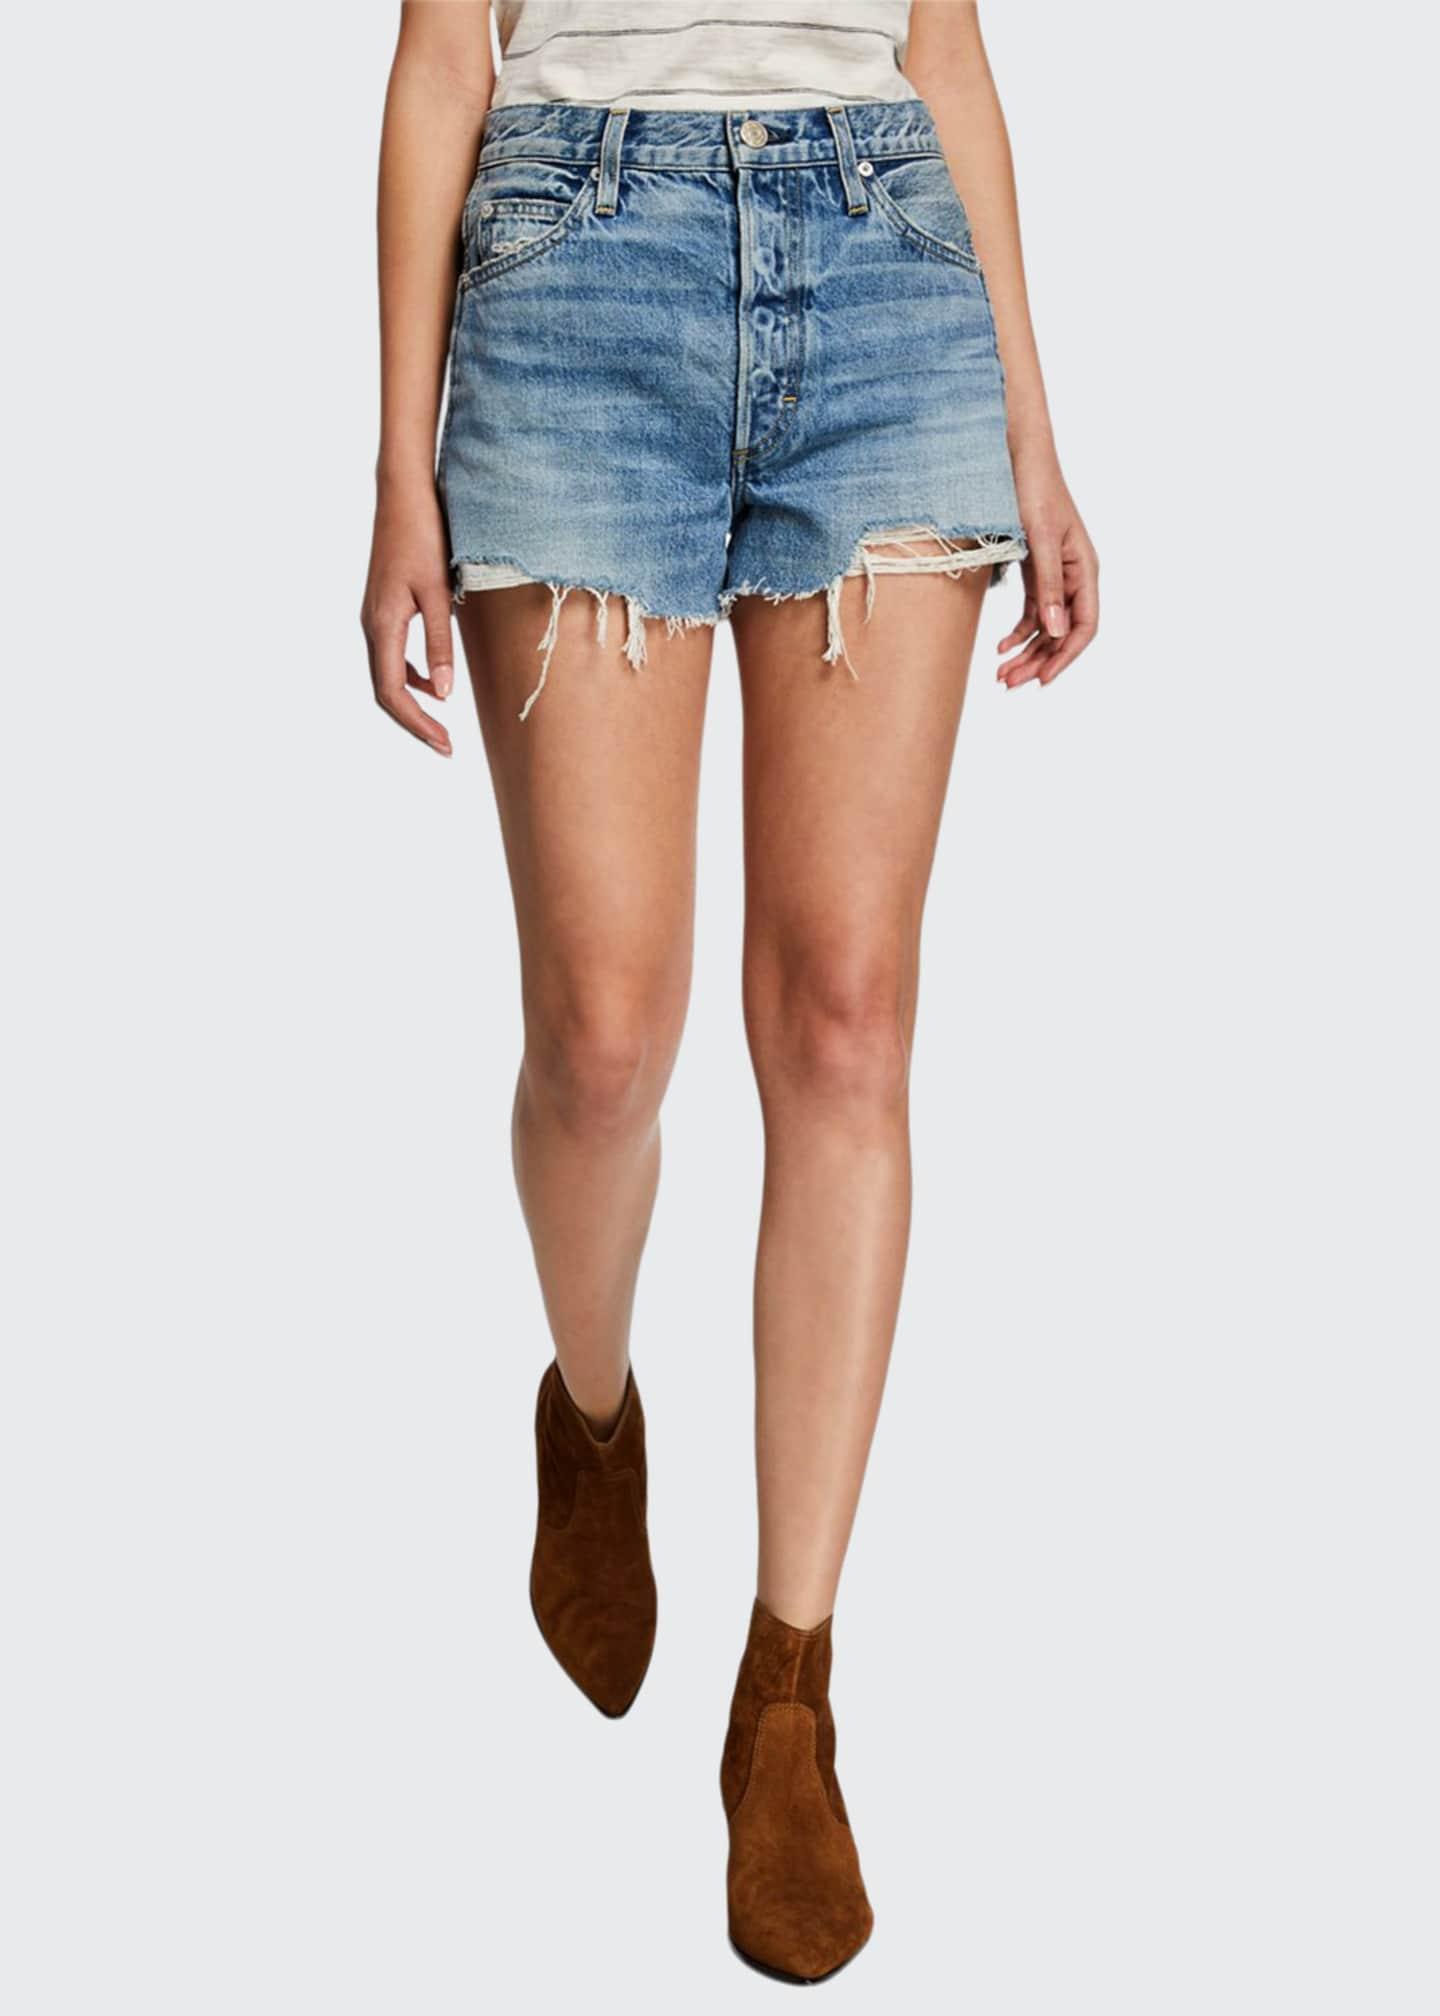 AMO Denim Loverboy High-Rise Cutoff Shorts